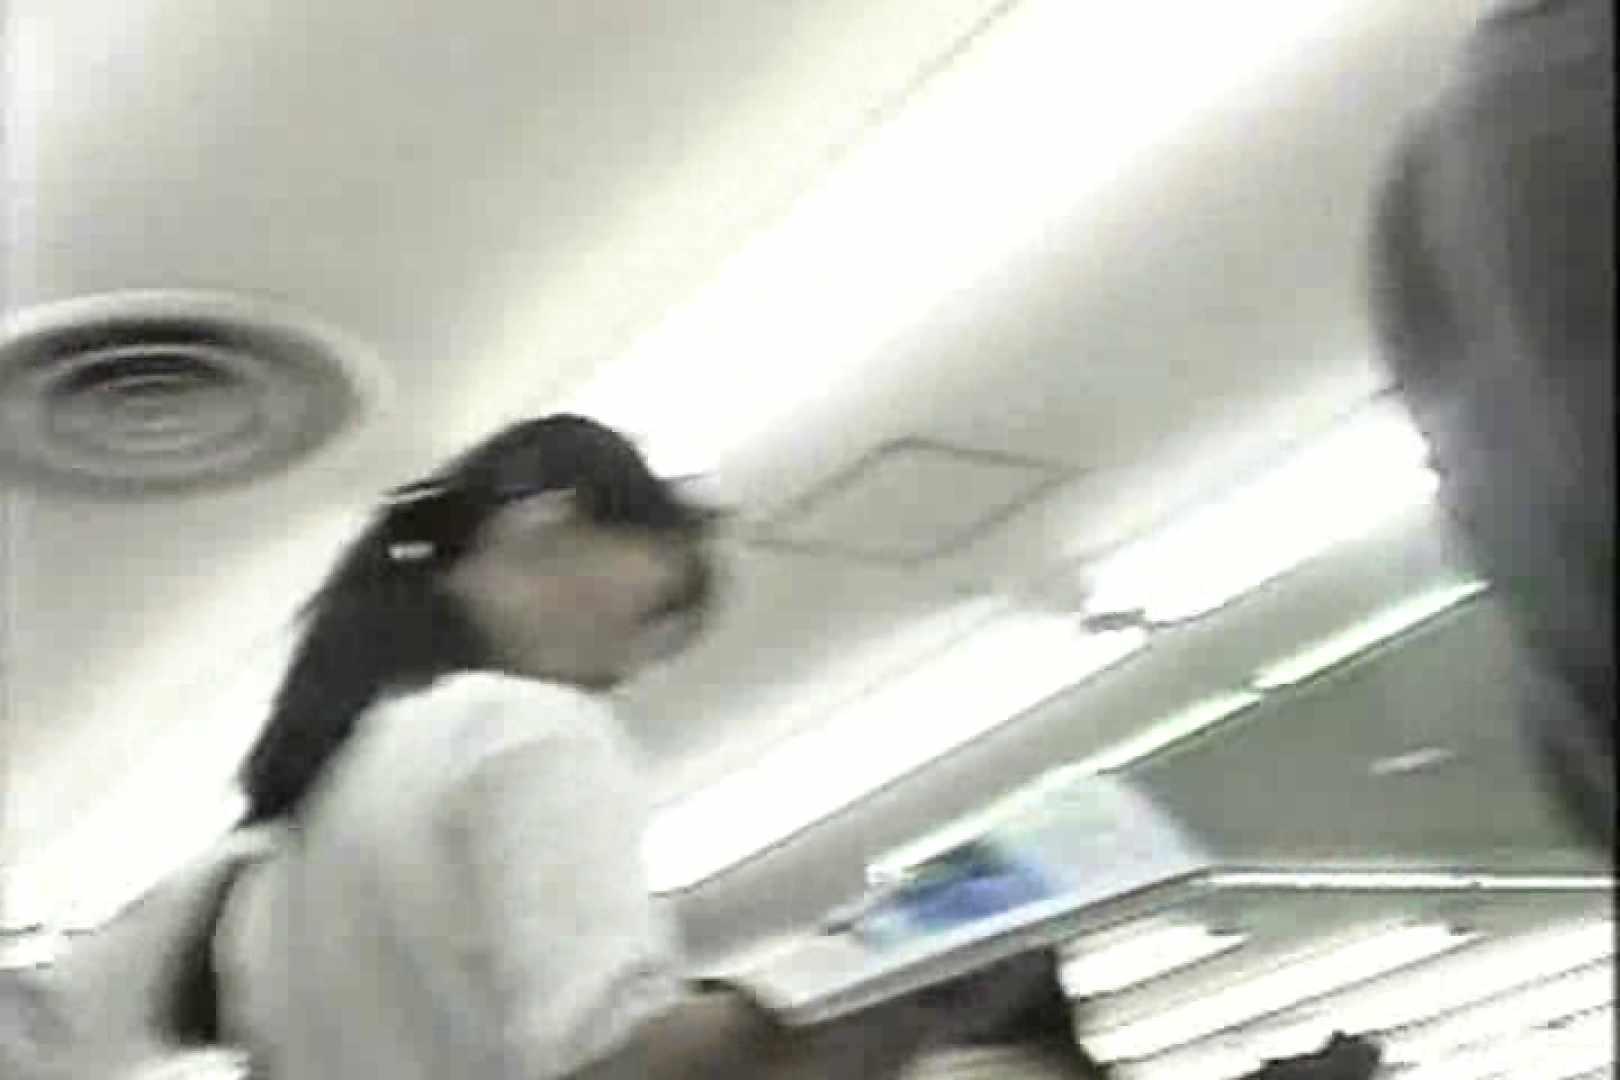 投稿盗撮 女子の下着の考察TK-043 盗撮 ワレメ動画紹介 65PIX 17